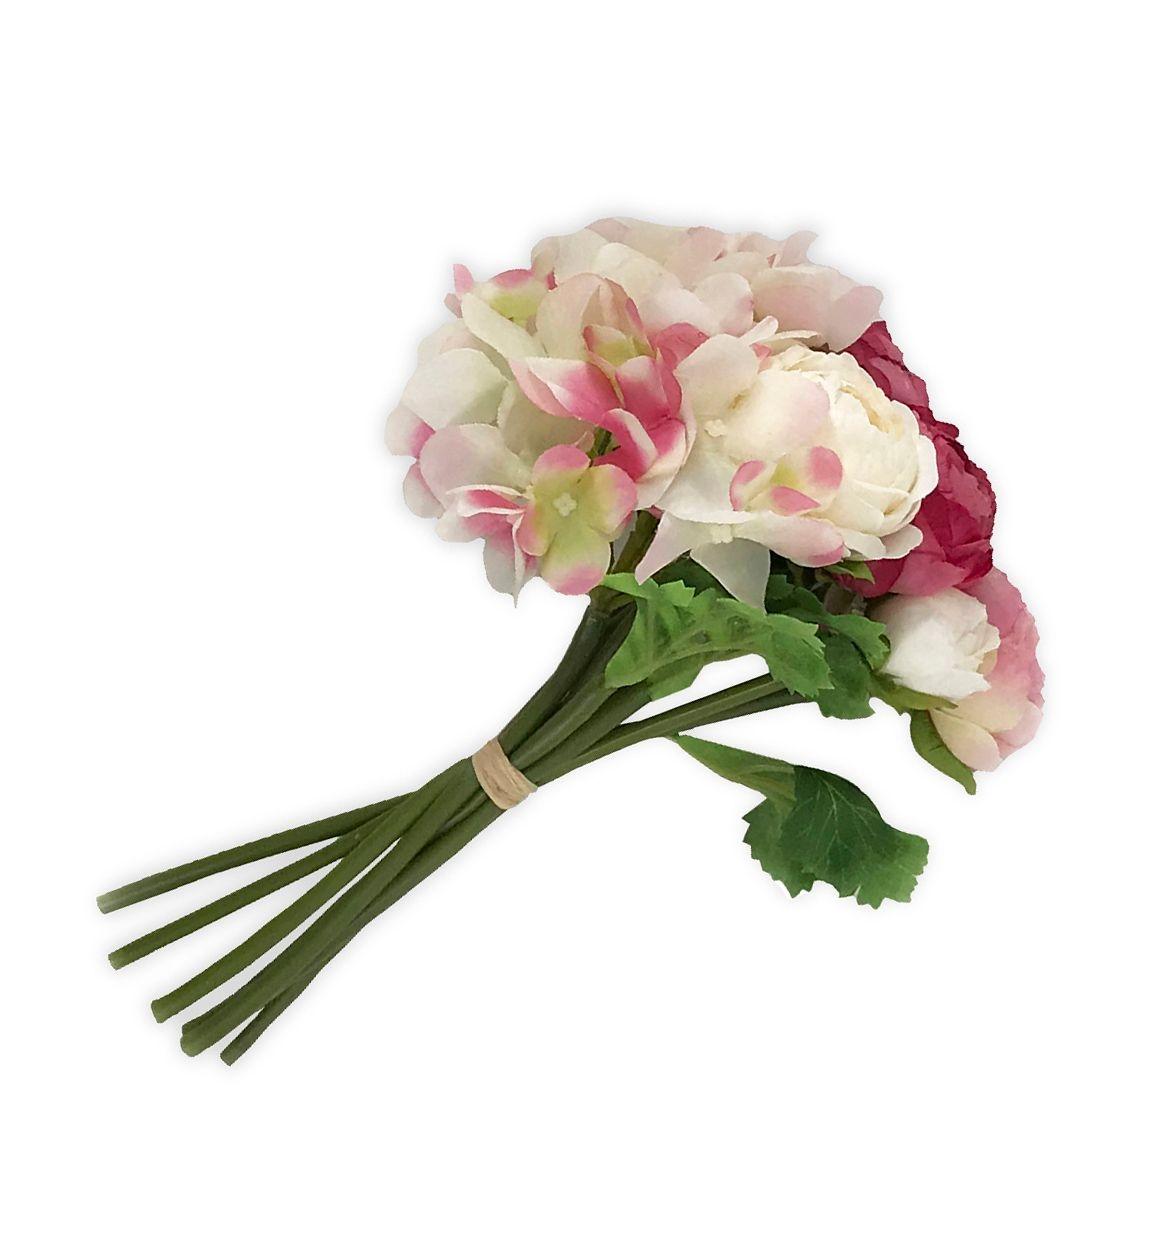 Buchet flori artificiale Grace Roz, 23 cm poza